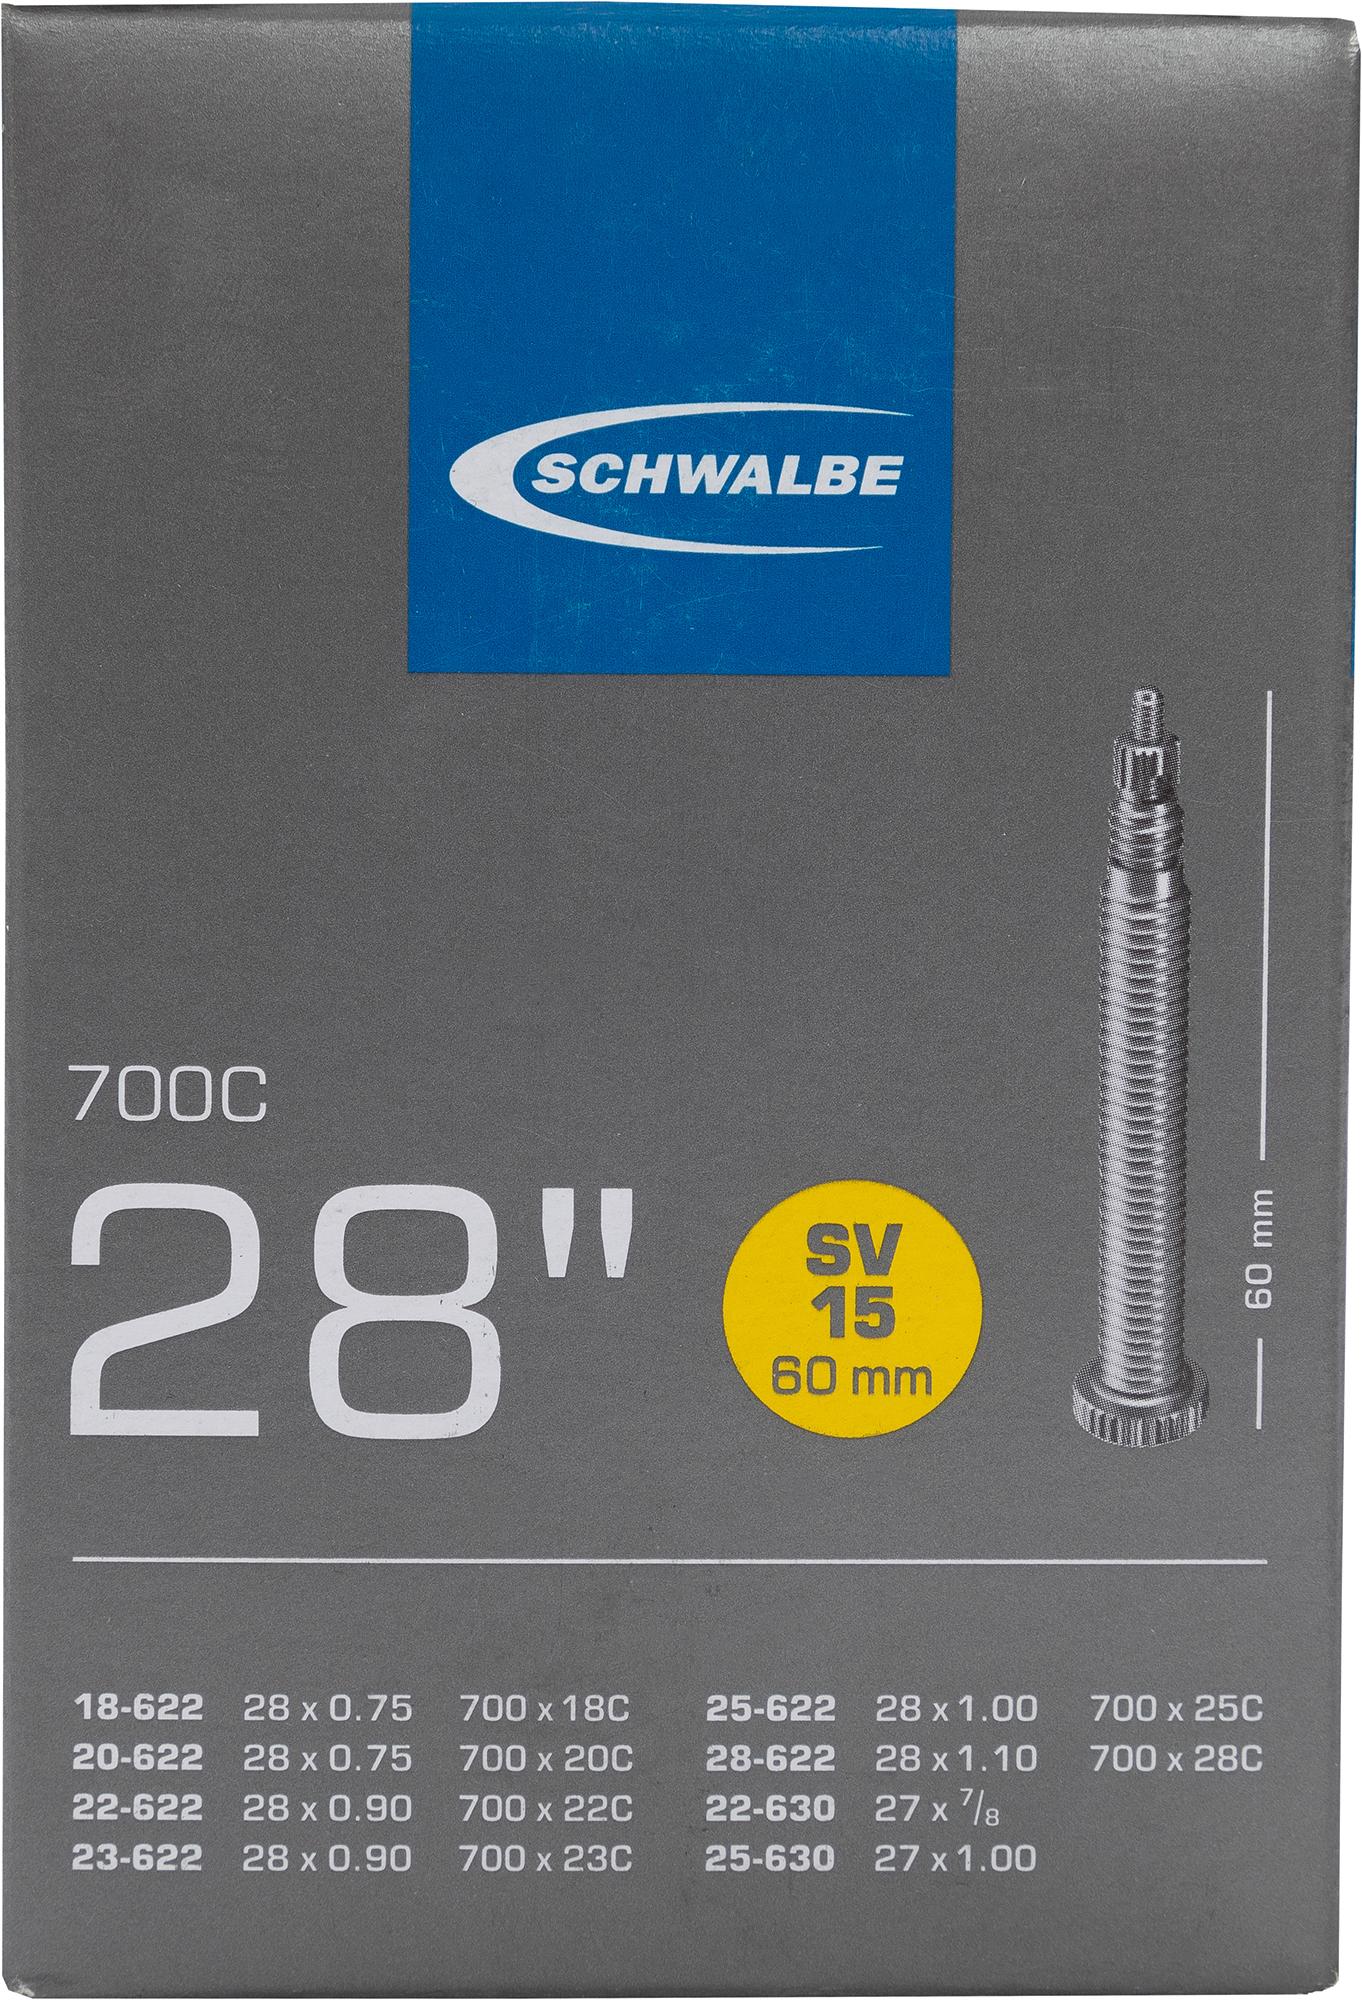 Schwalbe Камера SV15 60mm 28